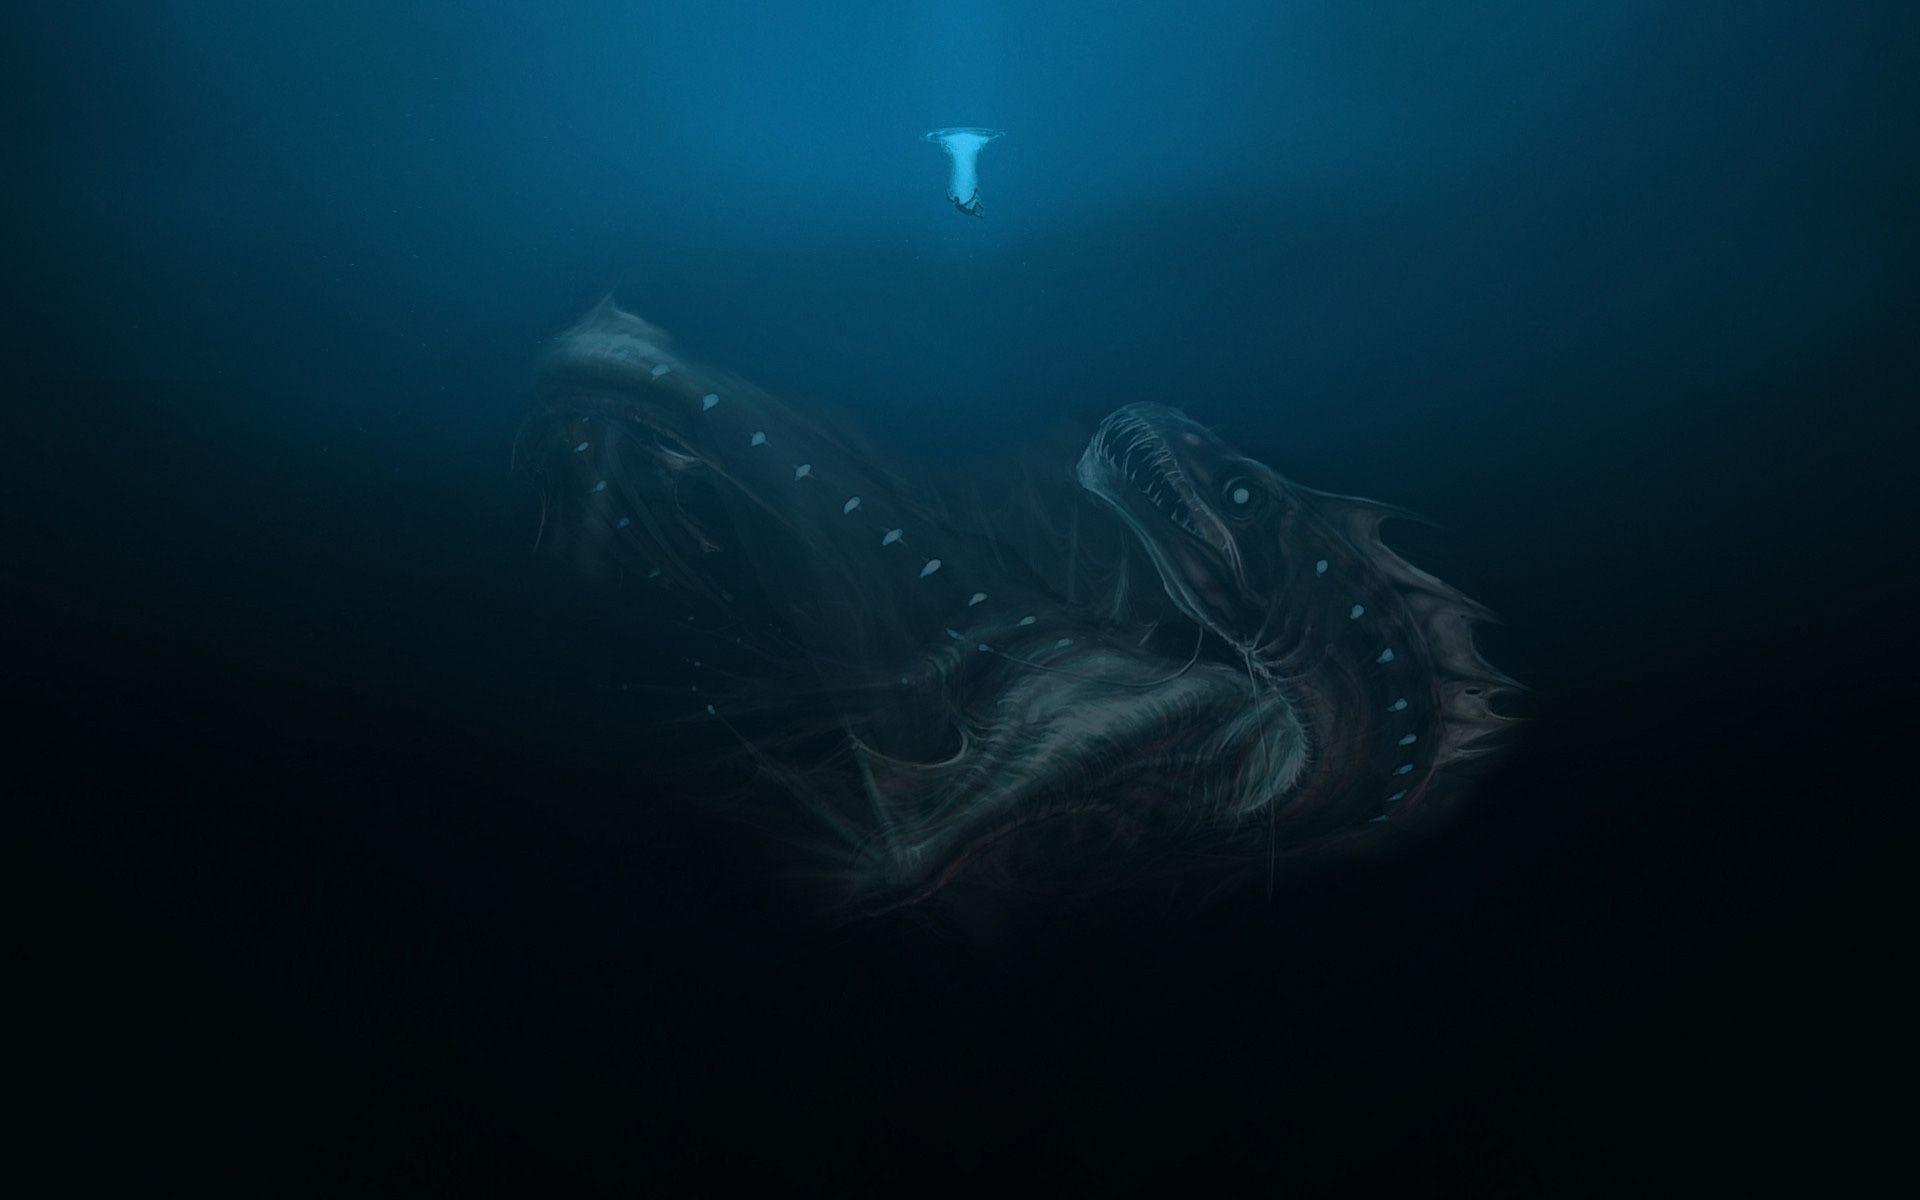 Kraken har potensiale, men er nok skumlest for folk som i utgangspunktet har vannskrekk.